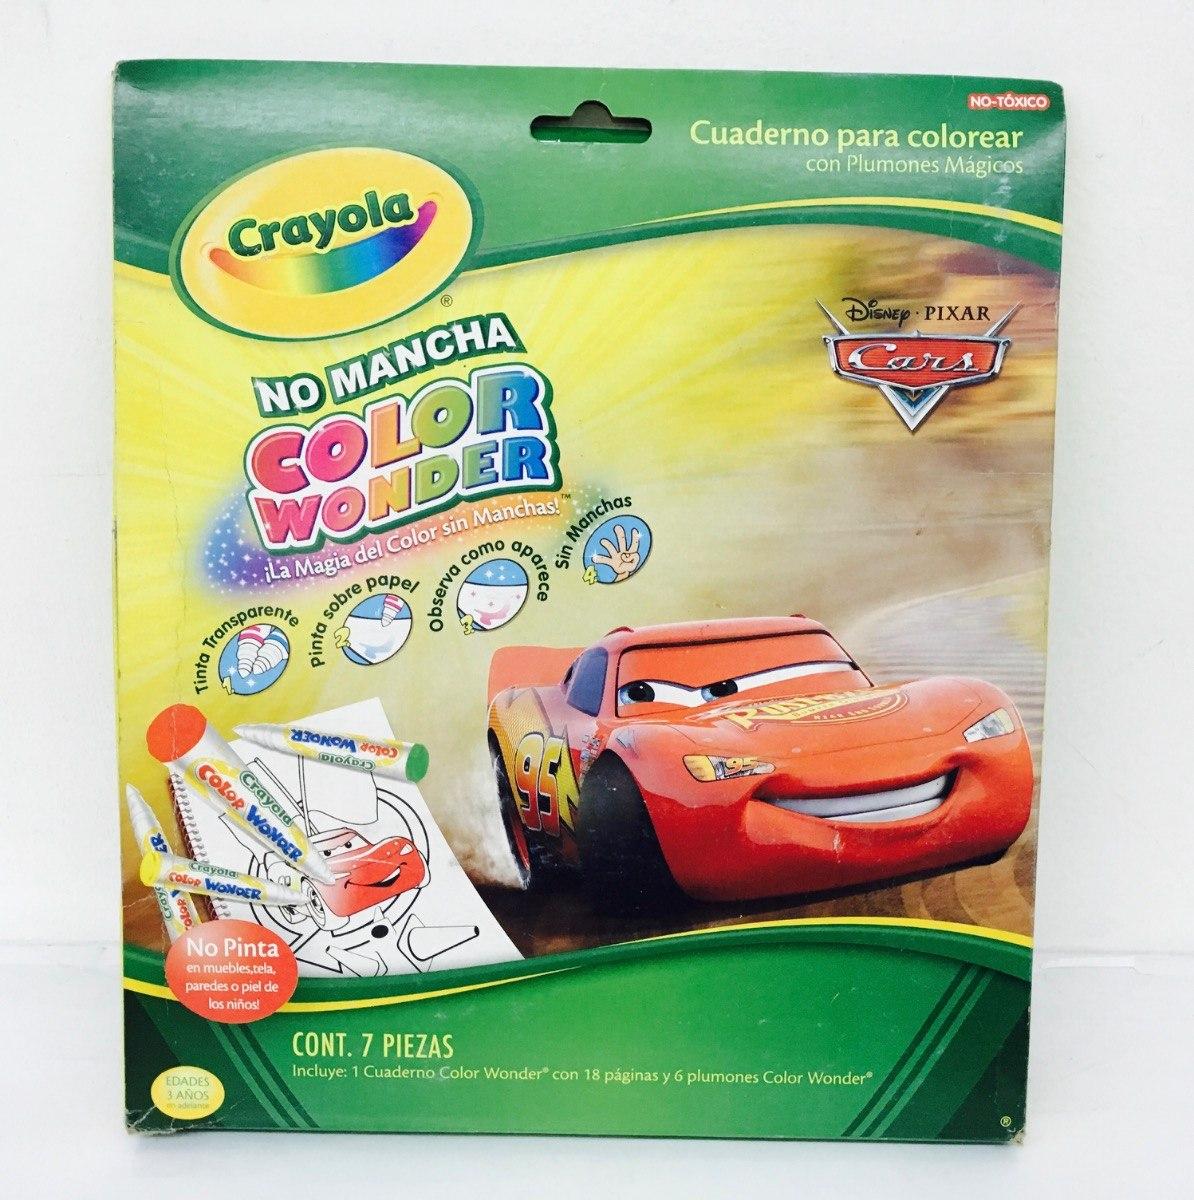 Disney Cars Cuadernos Para Colorear Crayola - $ 129.00 en Mercado Libre